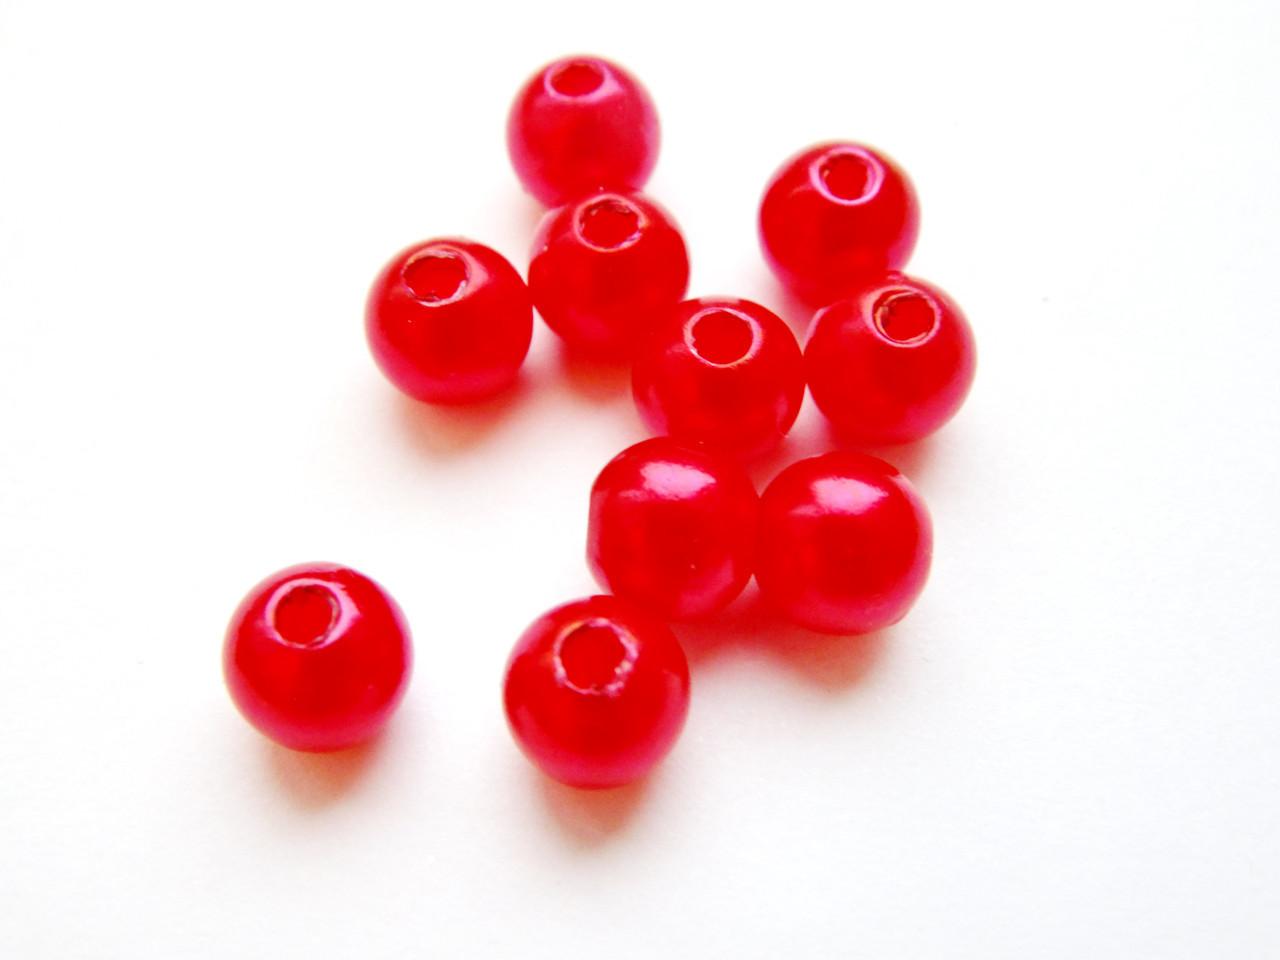 Намистини Червоні 10 мм акрил (20 шт.)